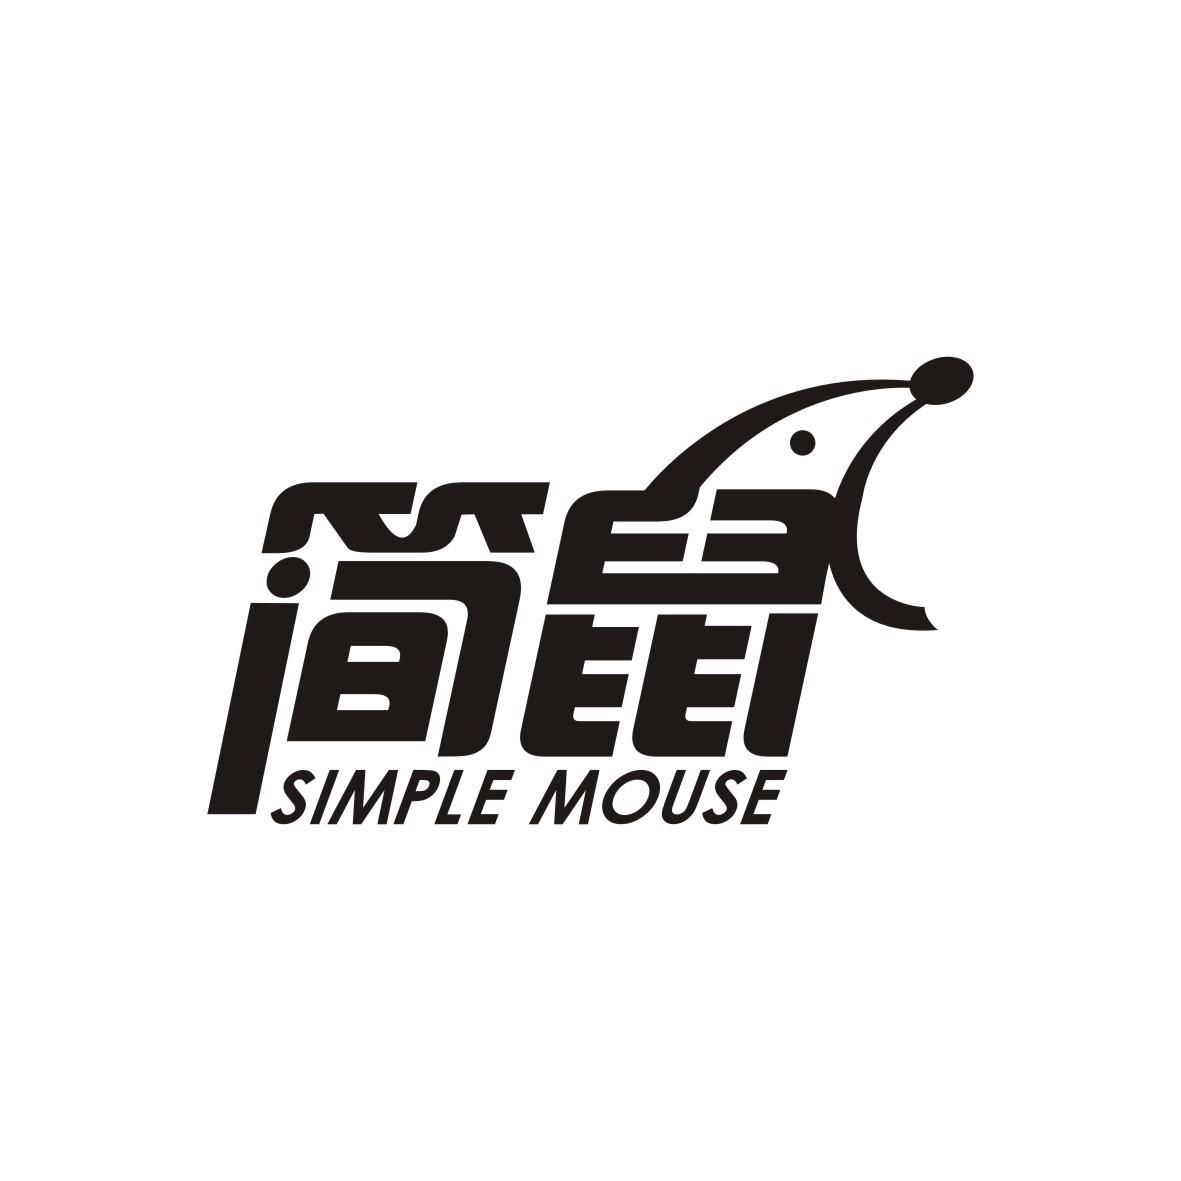 转让商标-简鼠 SIMPLE MOUSE